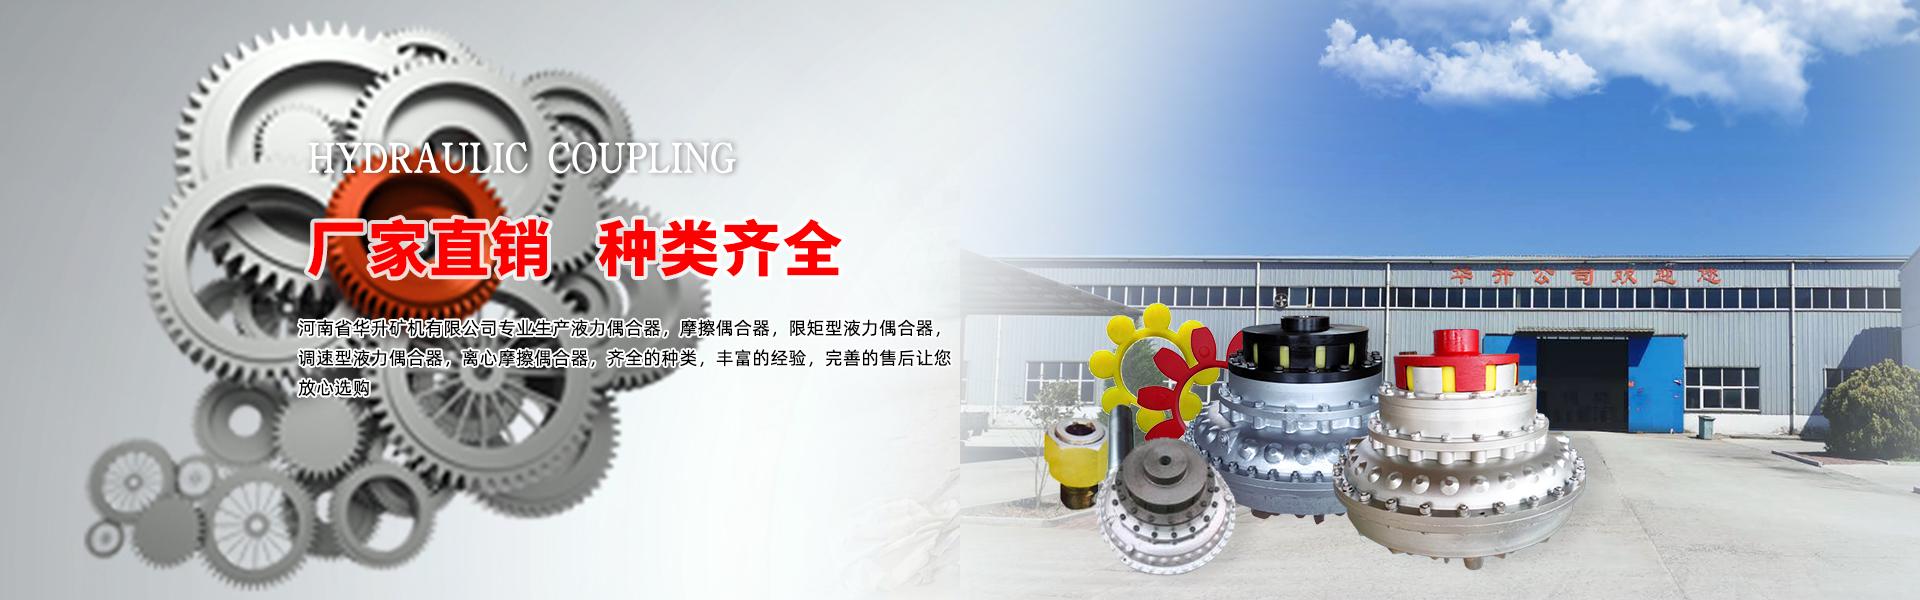 摩擦型耦合器生产厂家